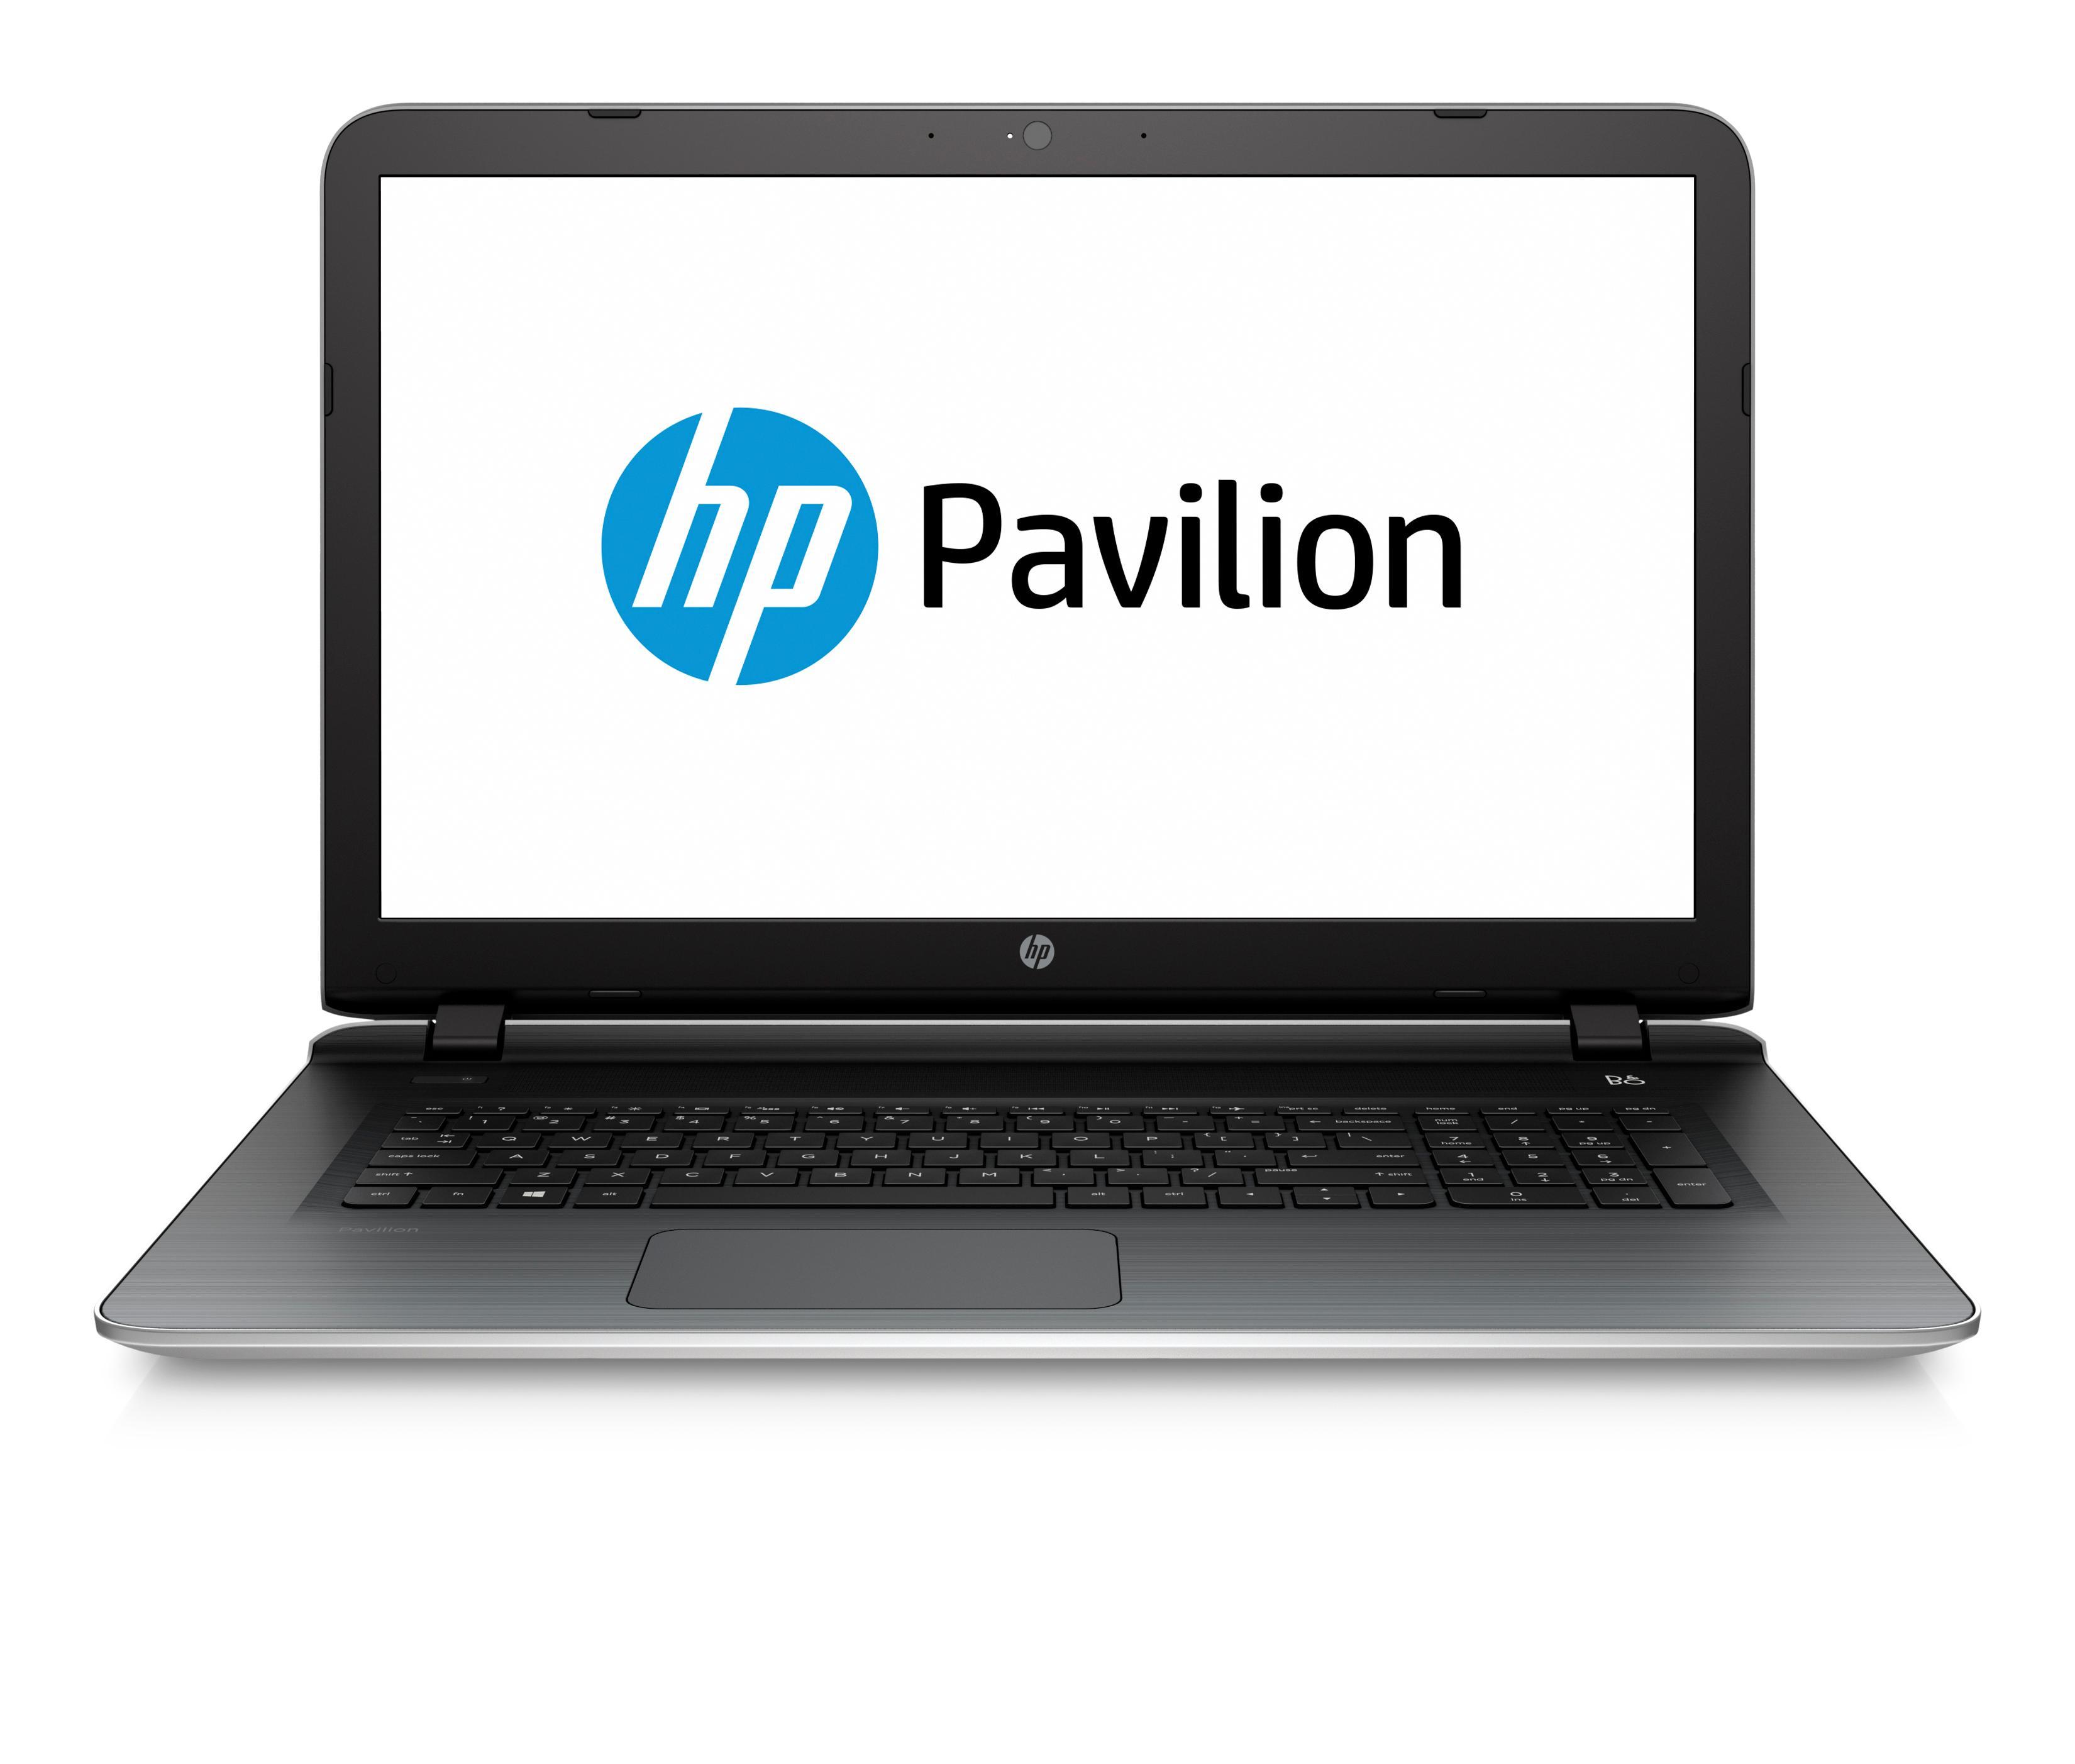 HP Pavilion Notebook 17 g157ng